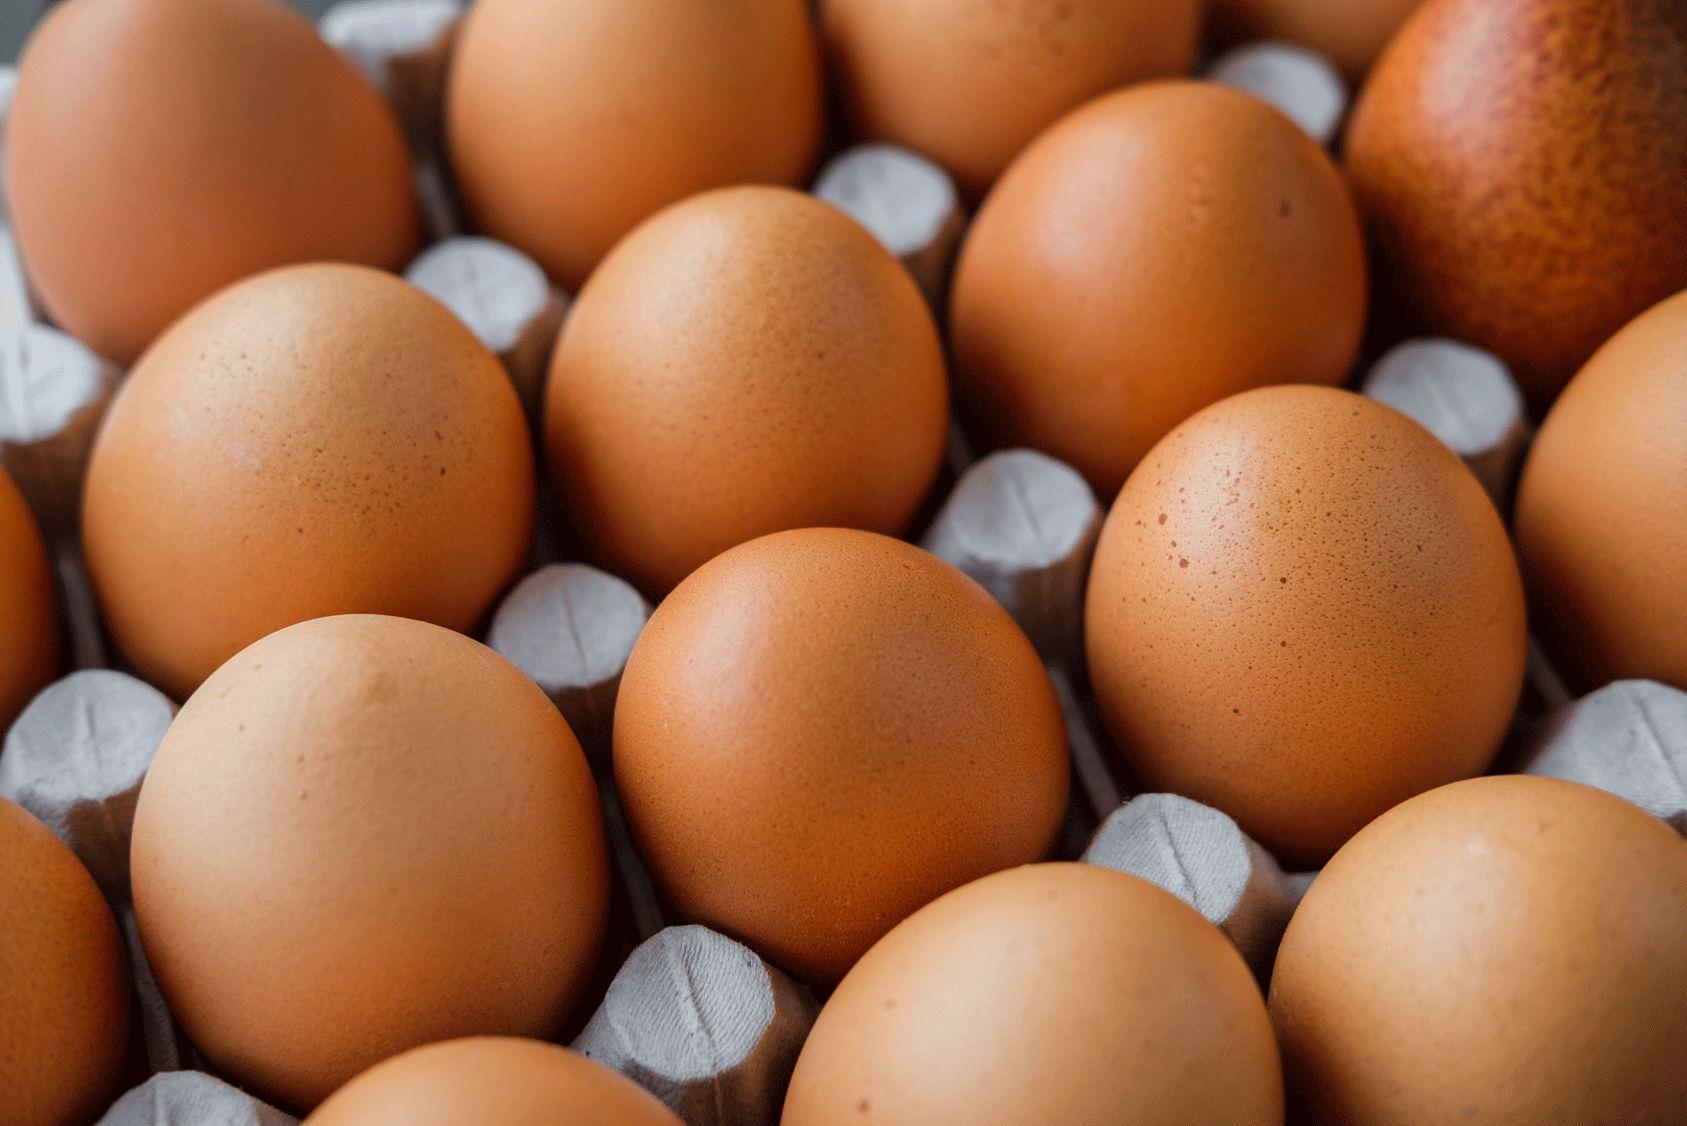 Alerte aux risques d'intoxications avec des œufs « Les Poulettes »